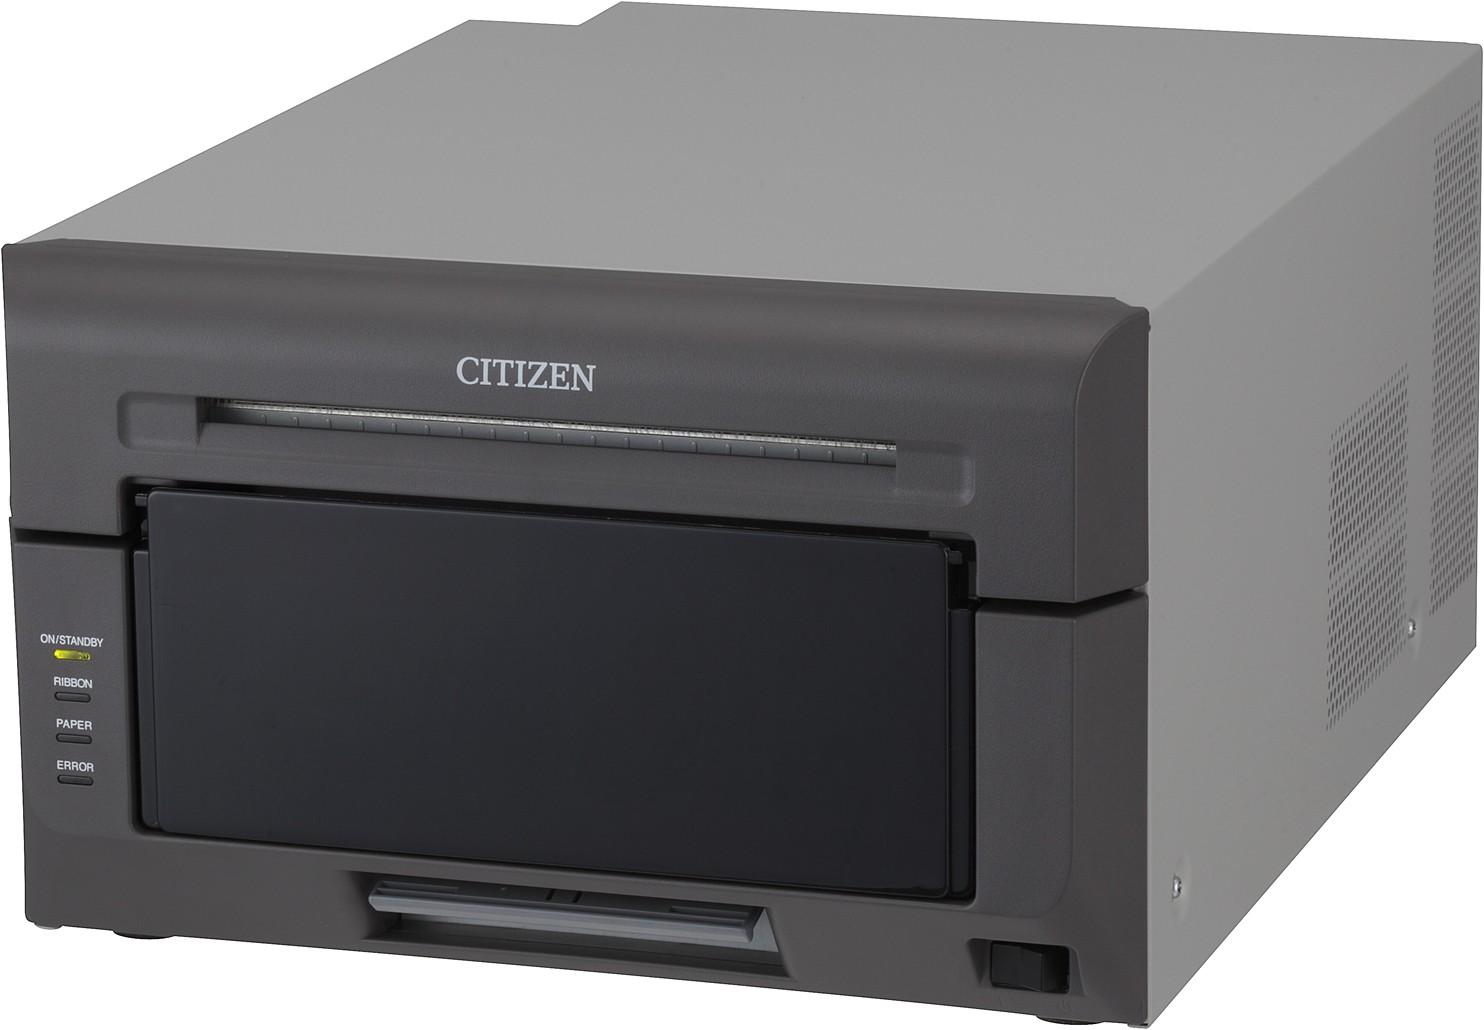 Citizen CX-02